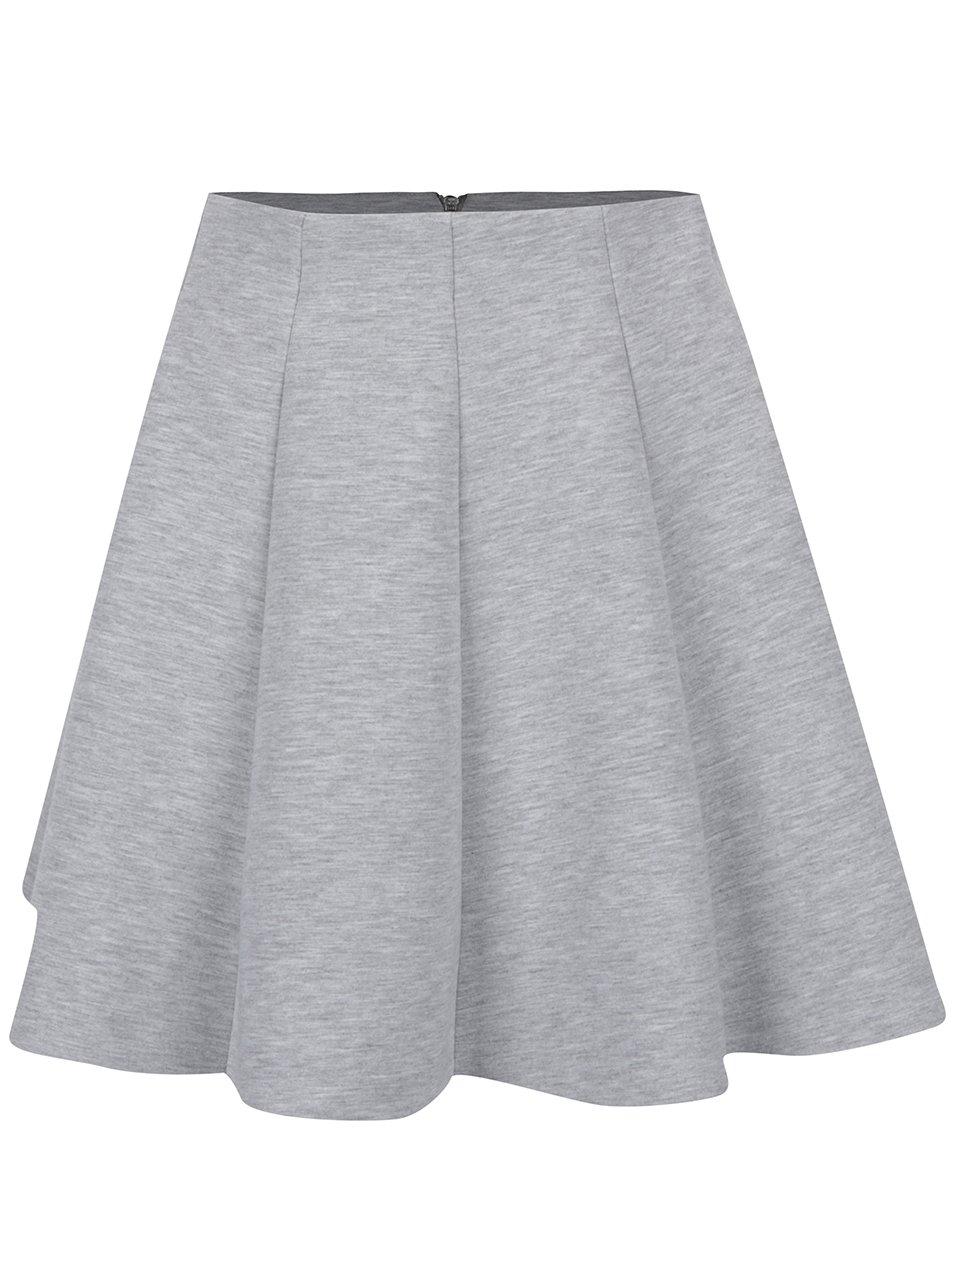 Šedá žíhaná mini sukně do pasu TALLY WEiJL